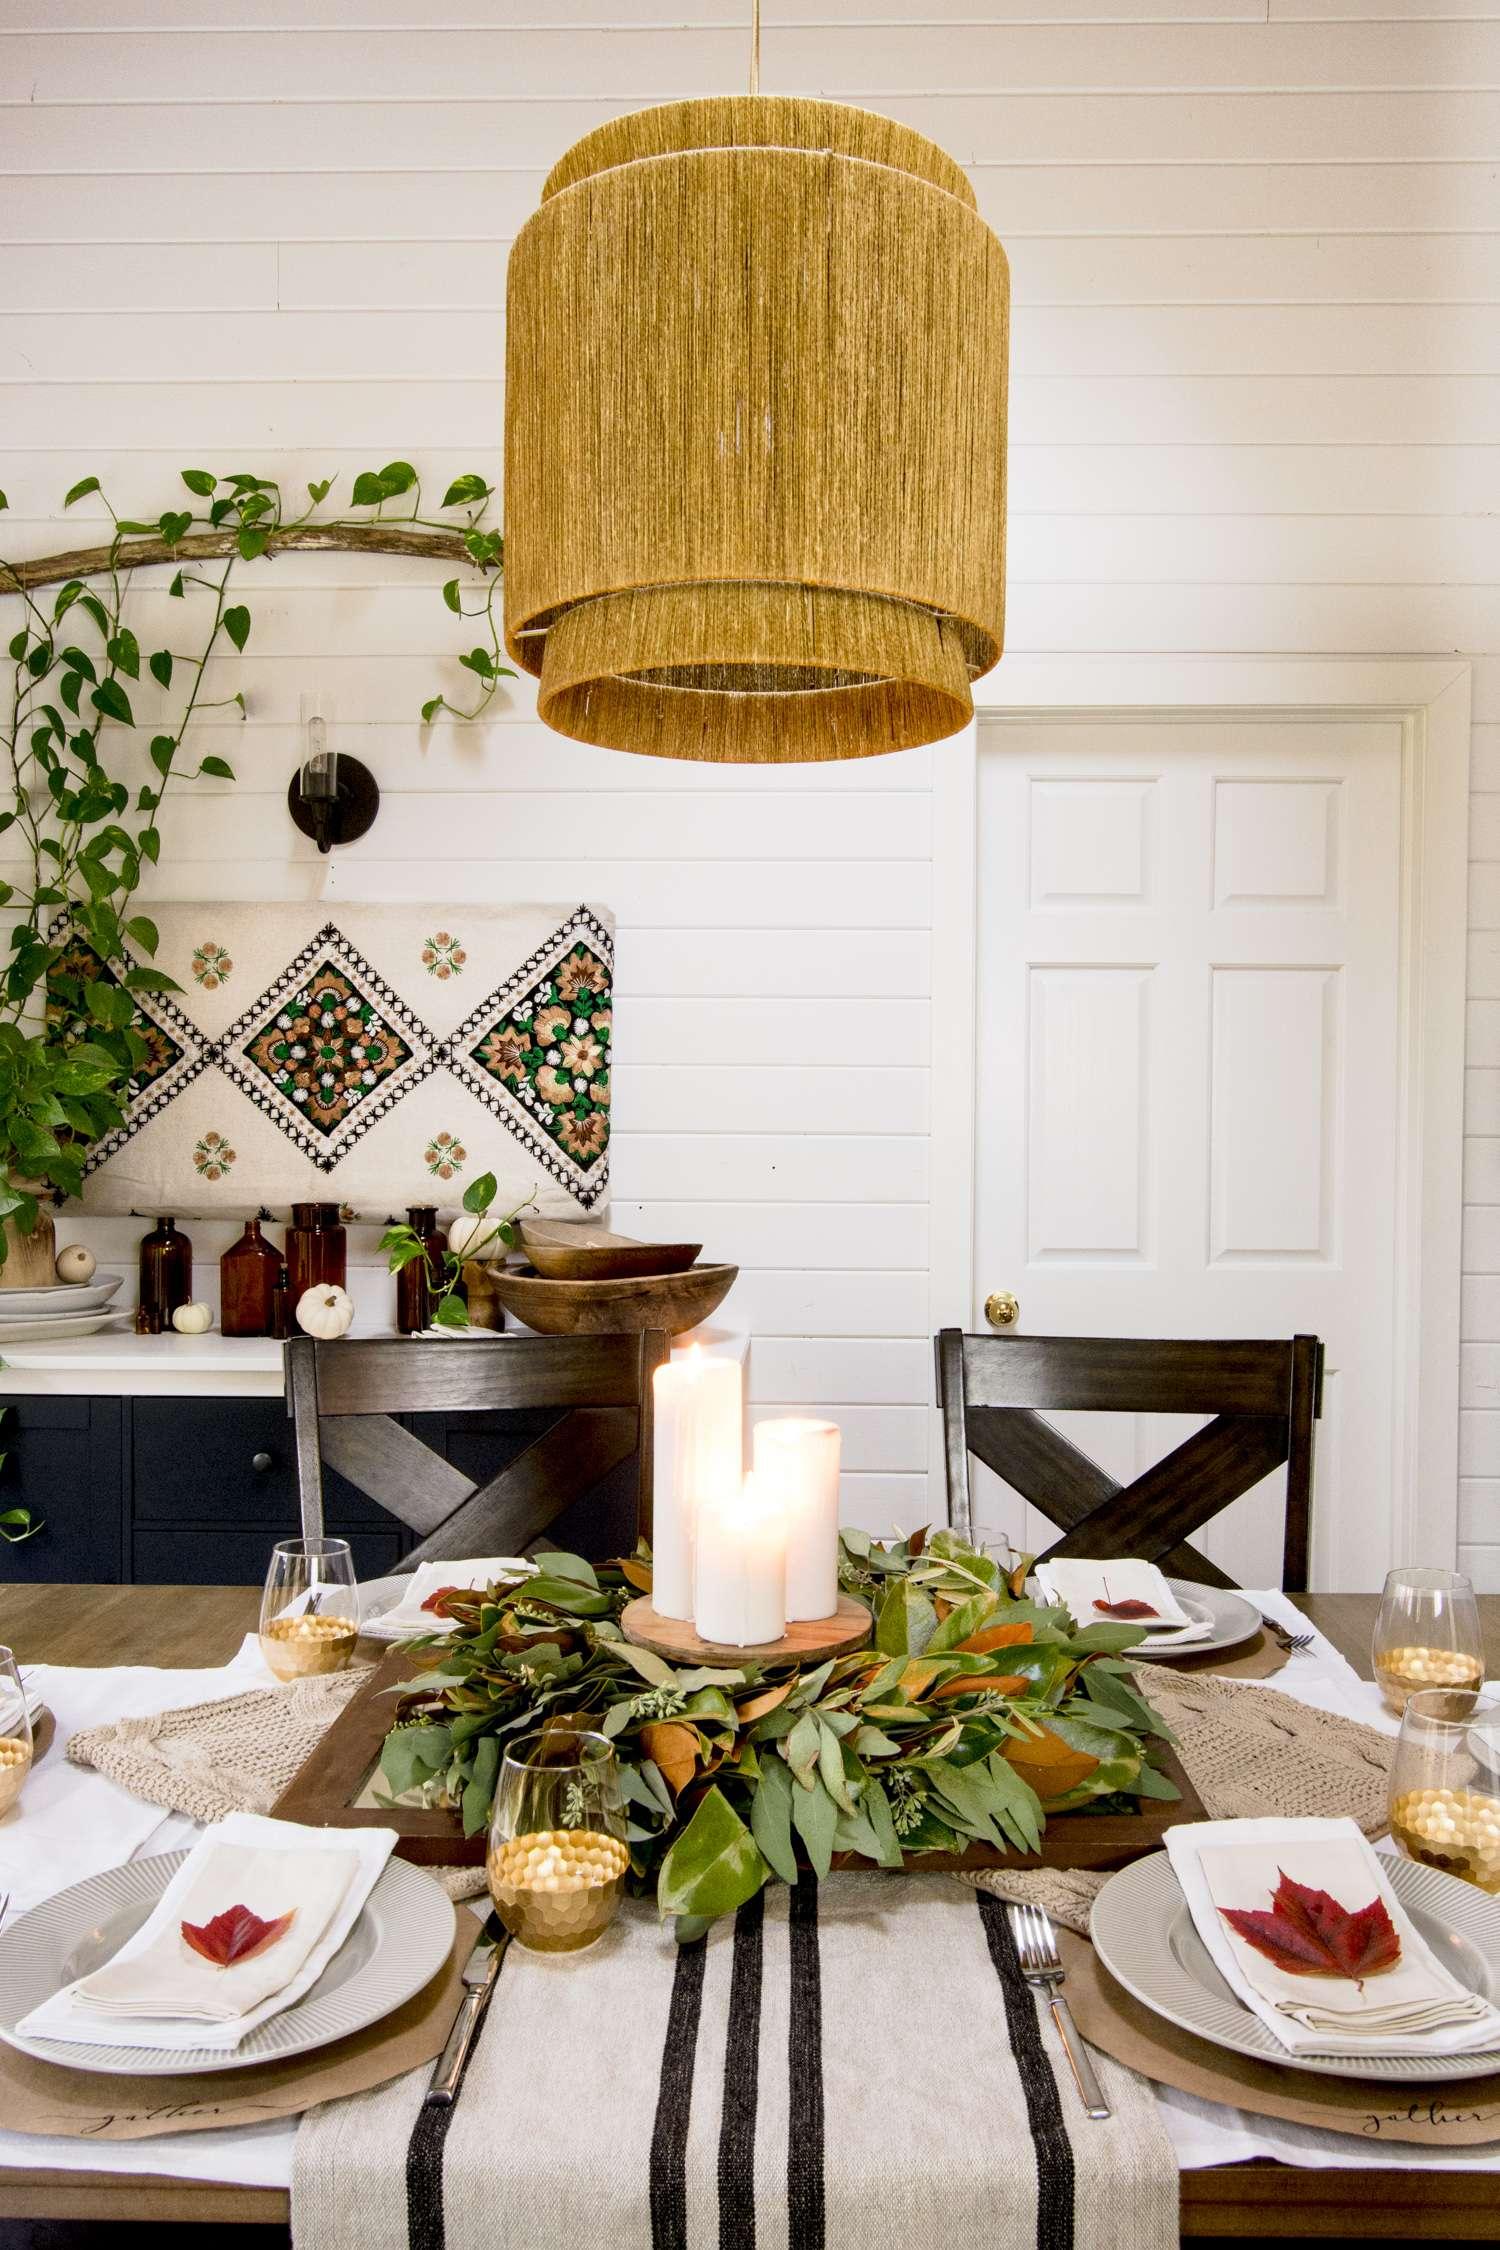 Thanksgiving table decor ideas.